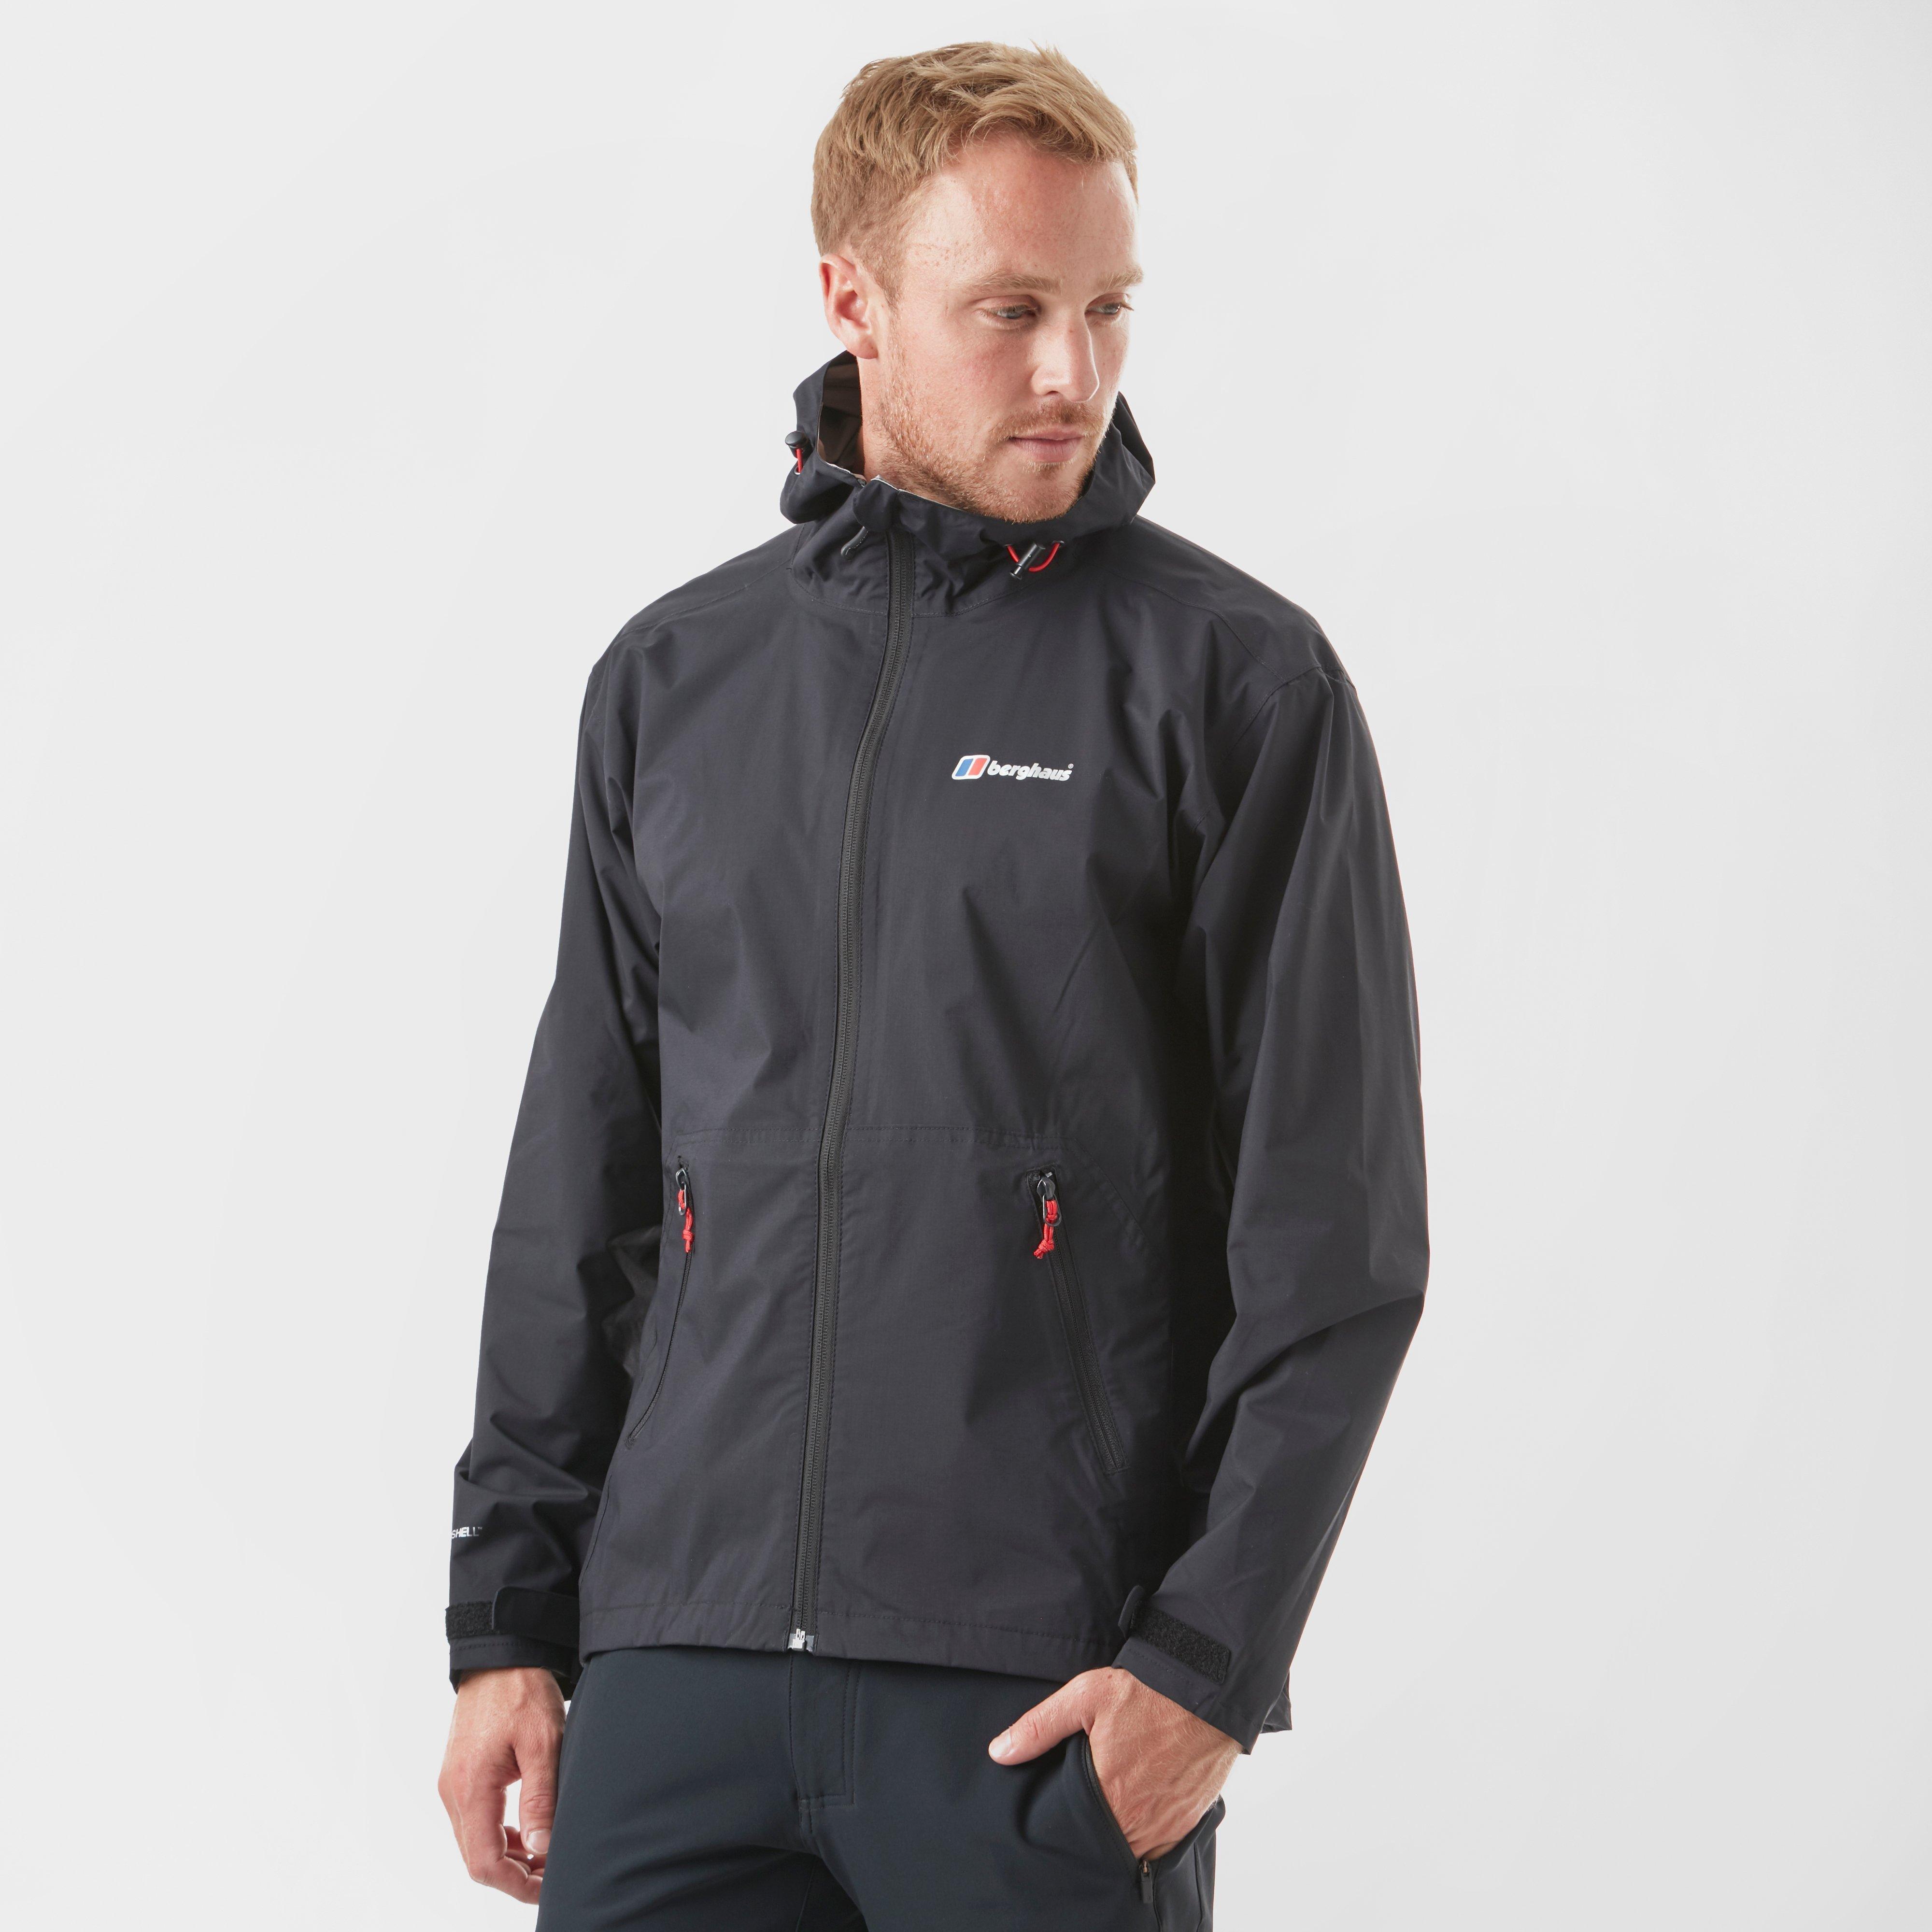 Berghaus Mens Stormcloud Waterproof Jacket - Black  Black